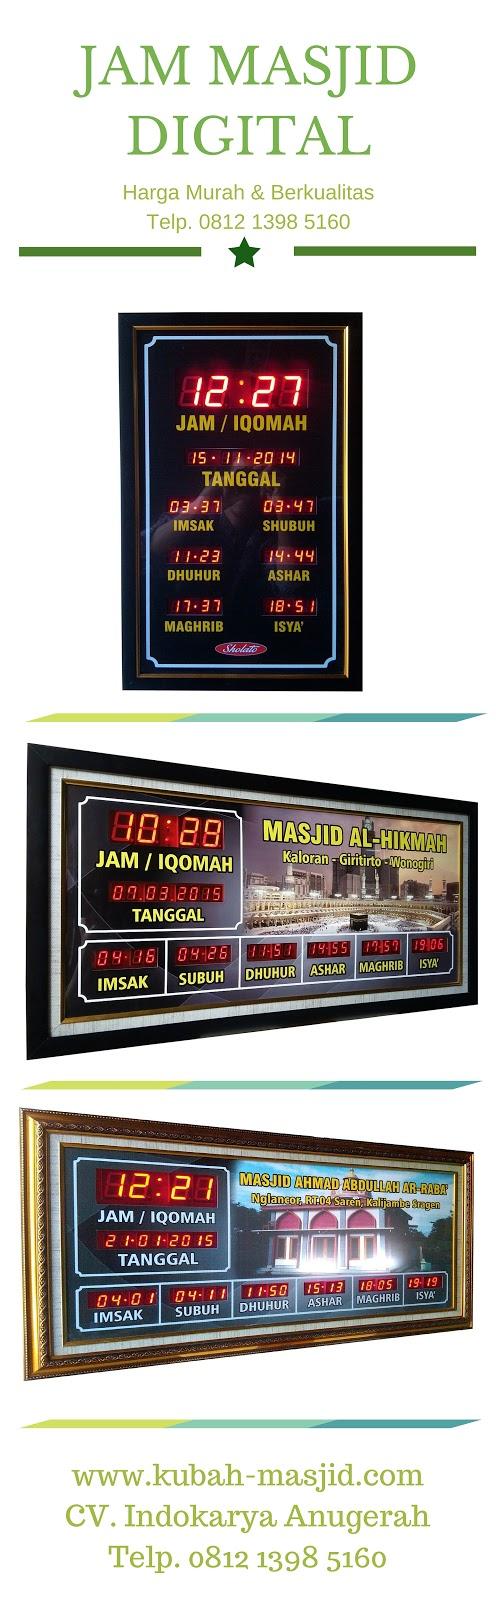 Jam-Digital-Masjid-murah-berkualitas-kubah-masjid-com-2